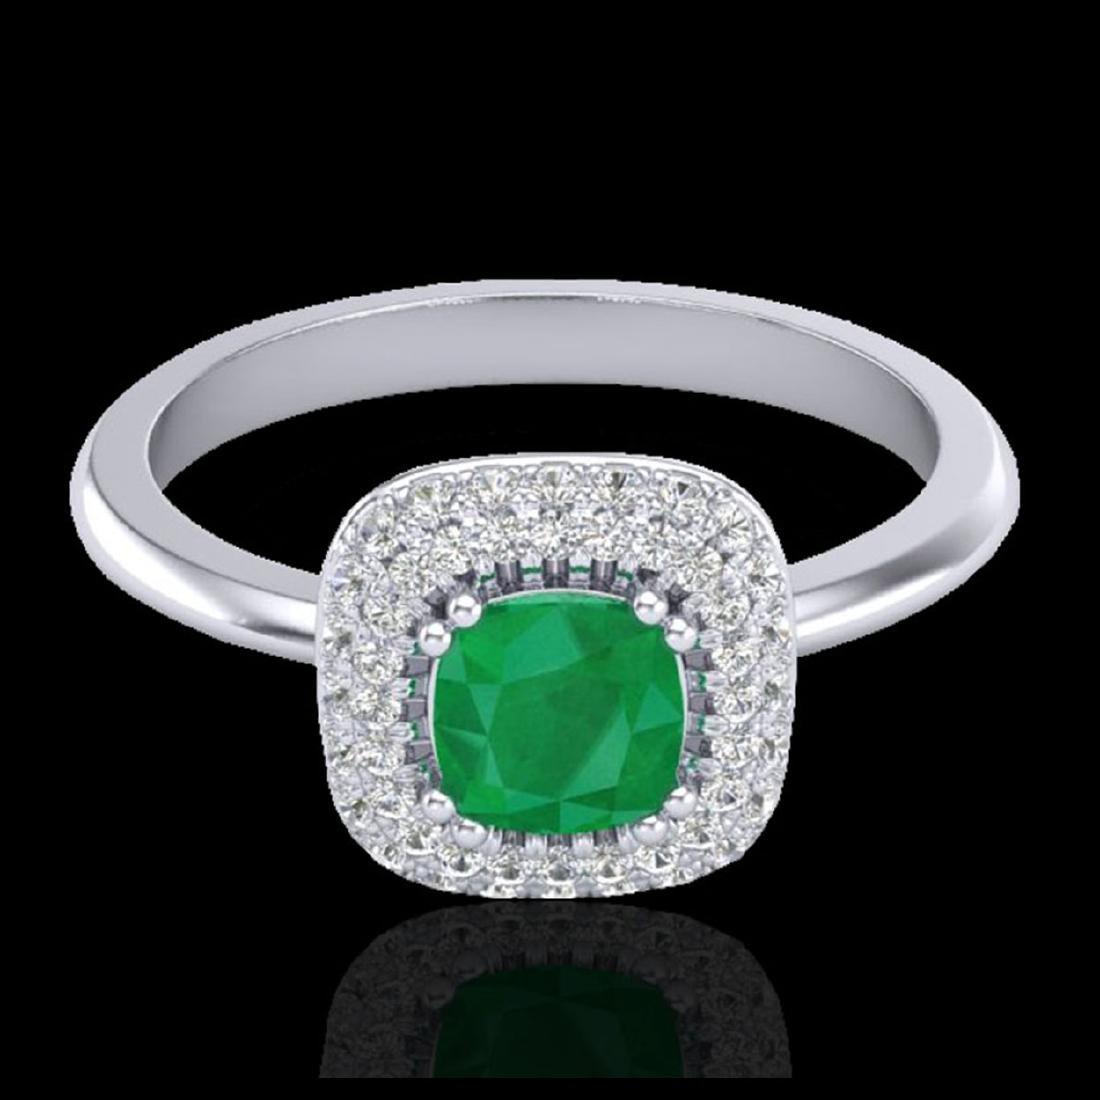 1.16 CTW Emerald & Micro VS/SI Diamond Ring Solitaire